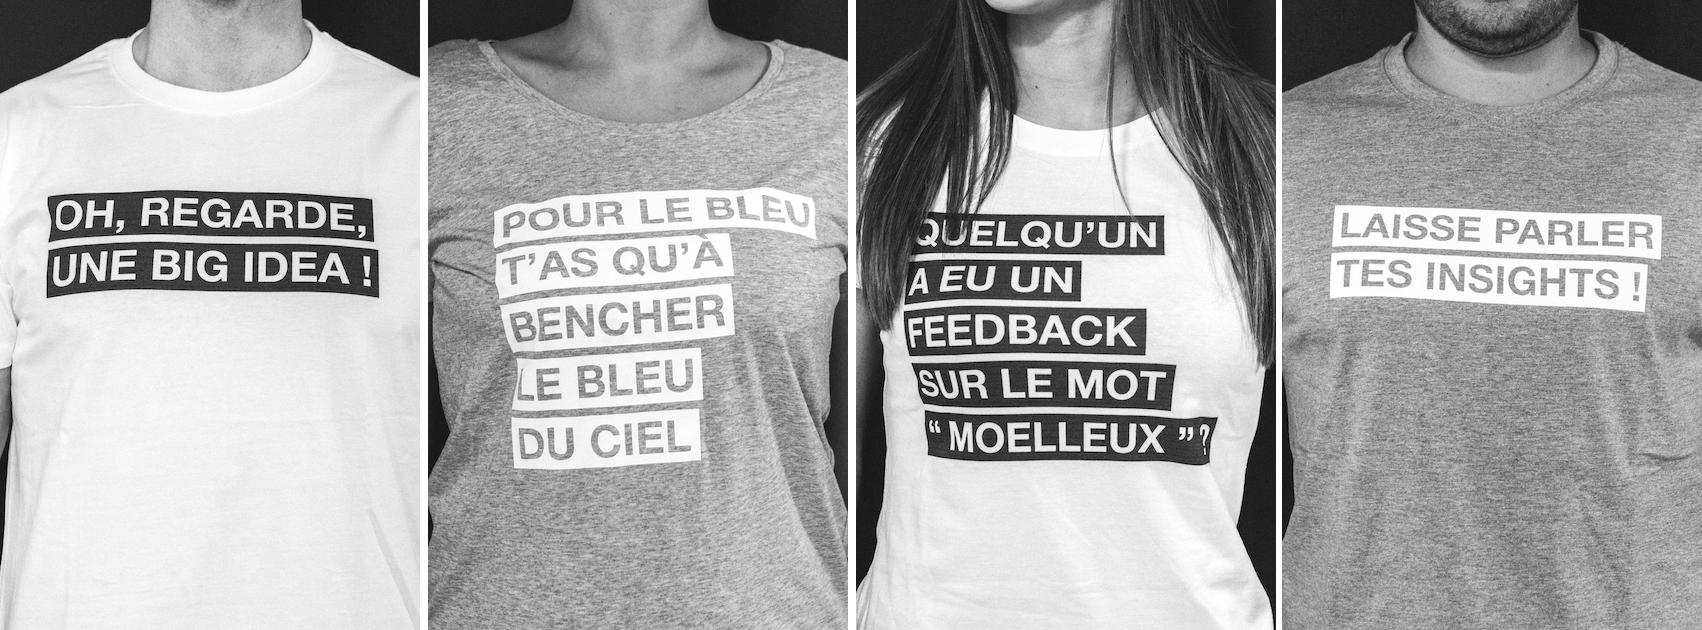 T-shirts créés par agence Extreme.